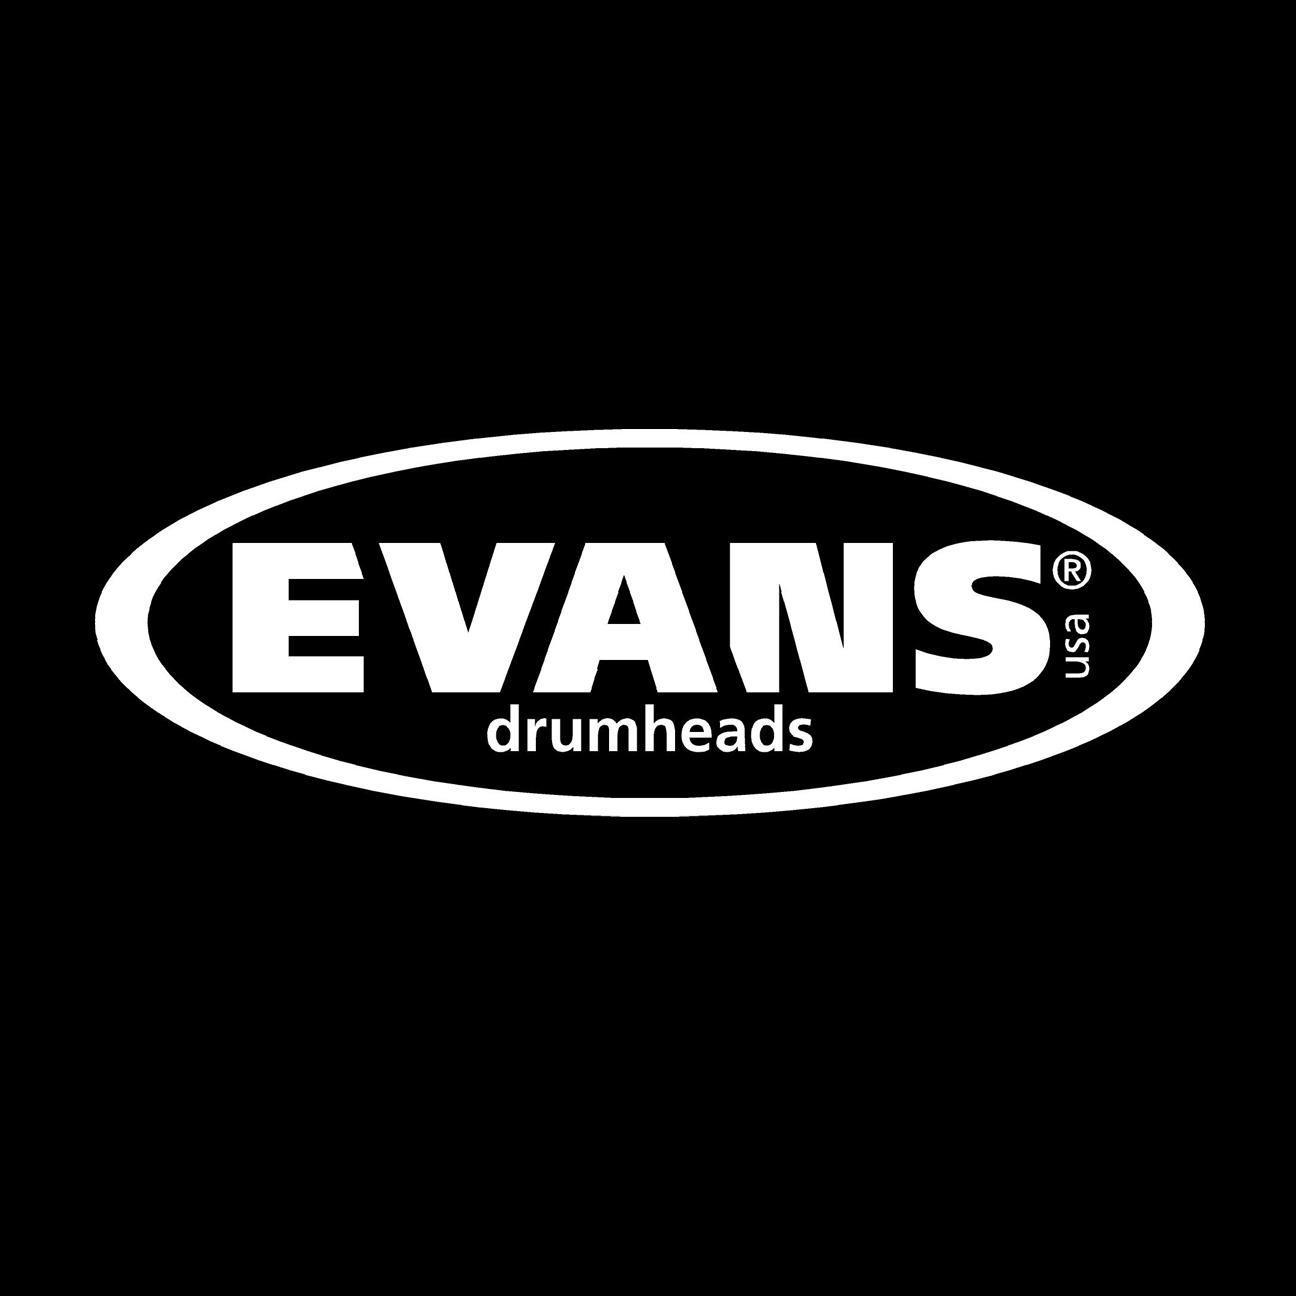 Evans schwarz.jpg